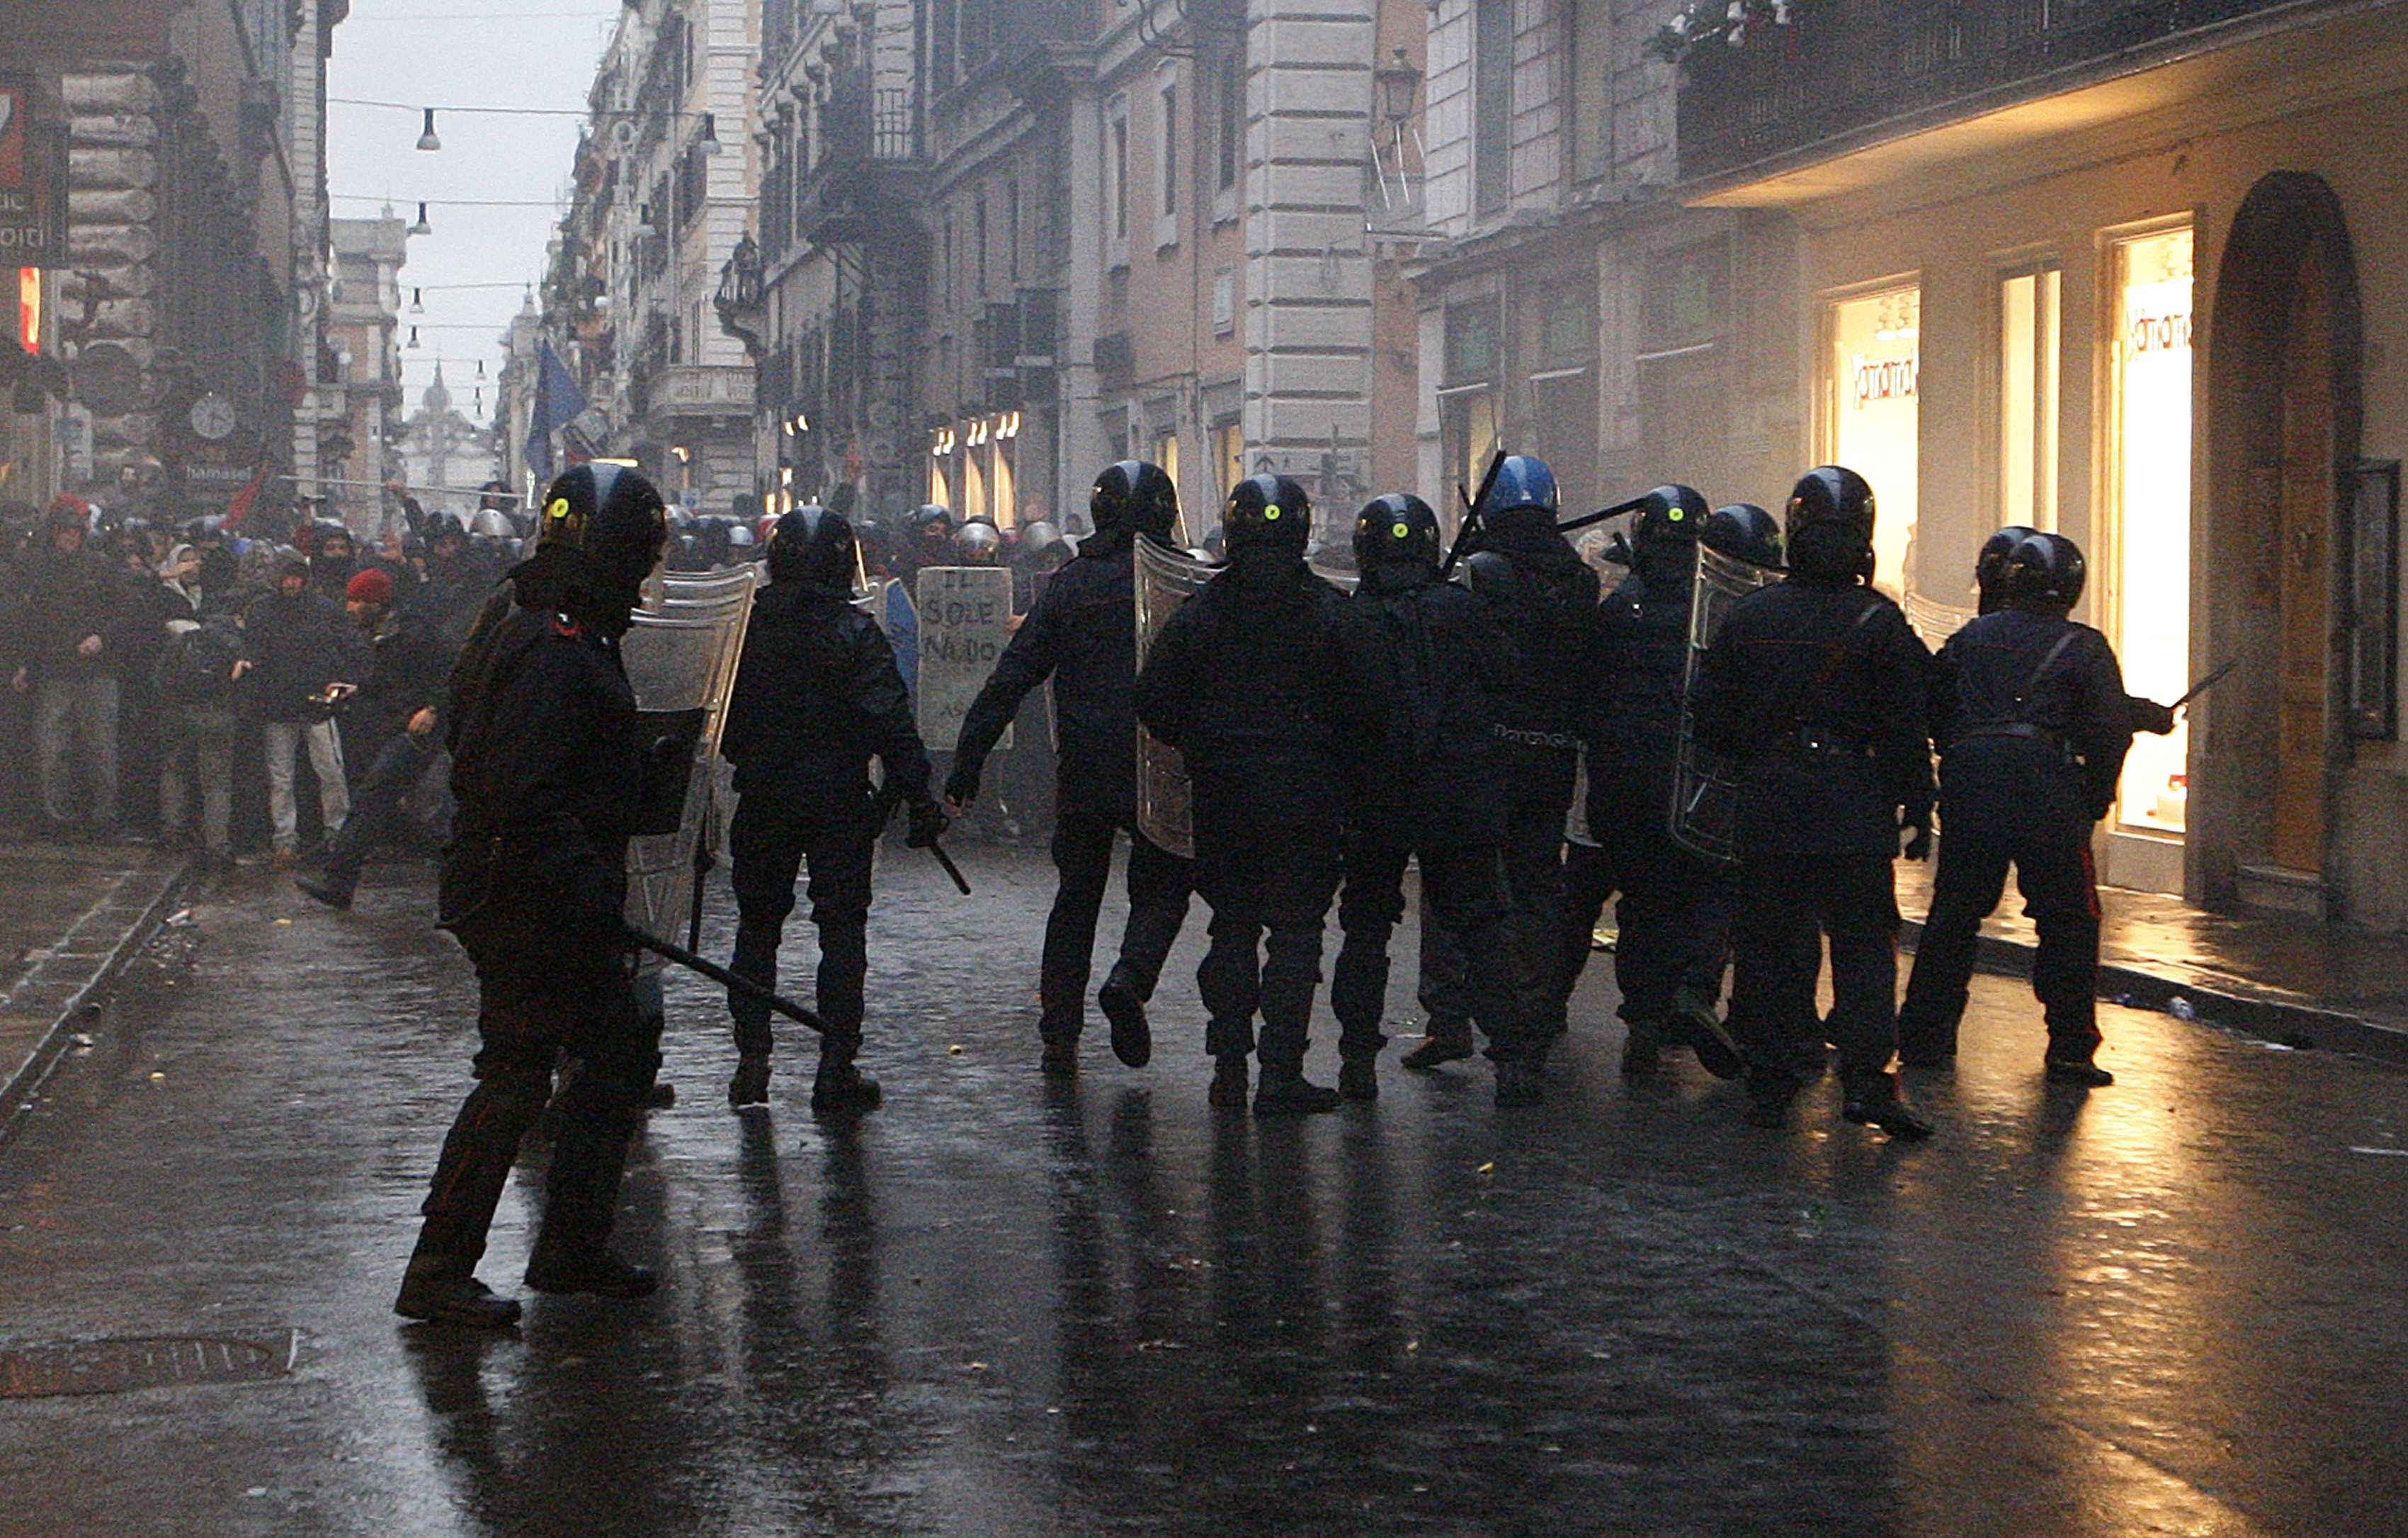 Δακρυγόνα, γκλοπ και η μάχη... αρχίζει - ΦΩΤΟ REUTERS